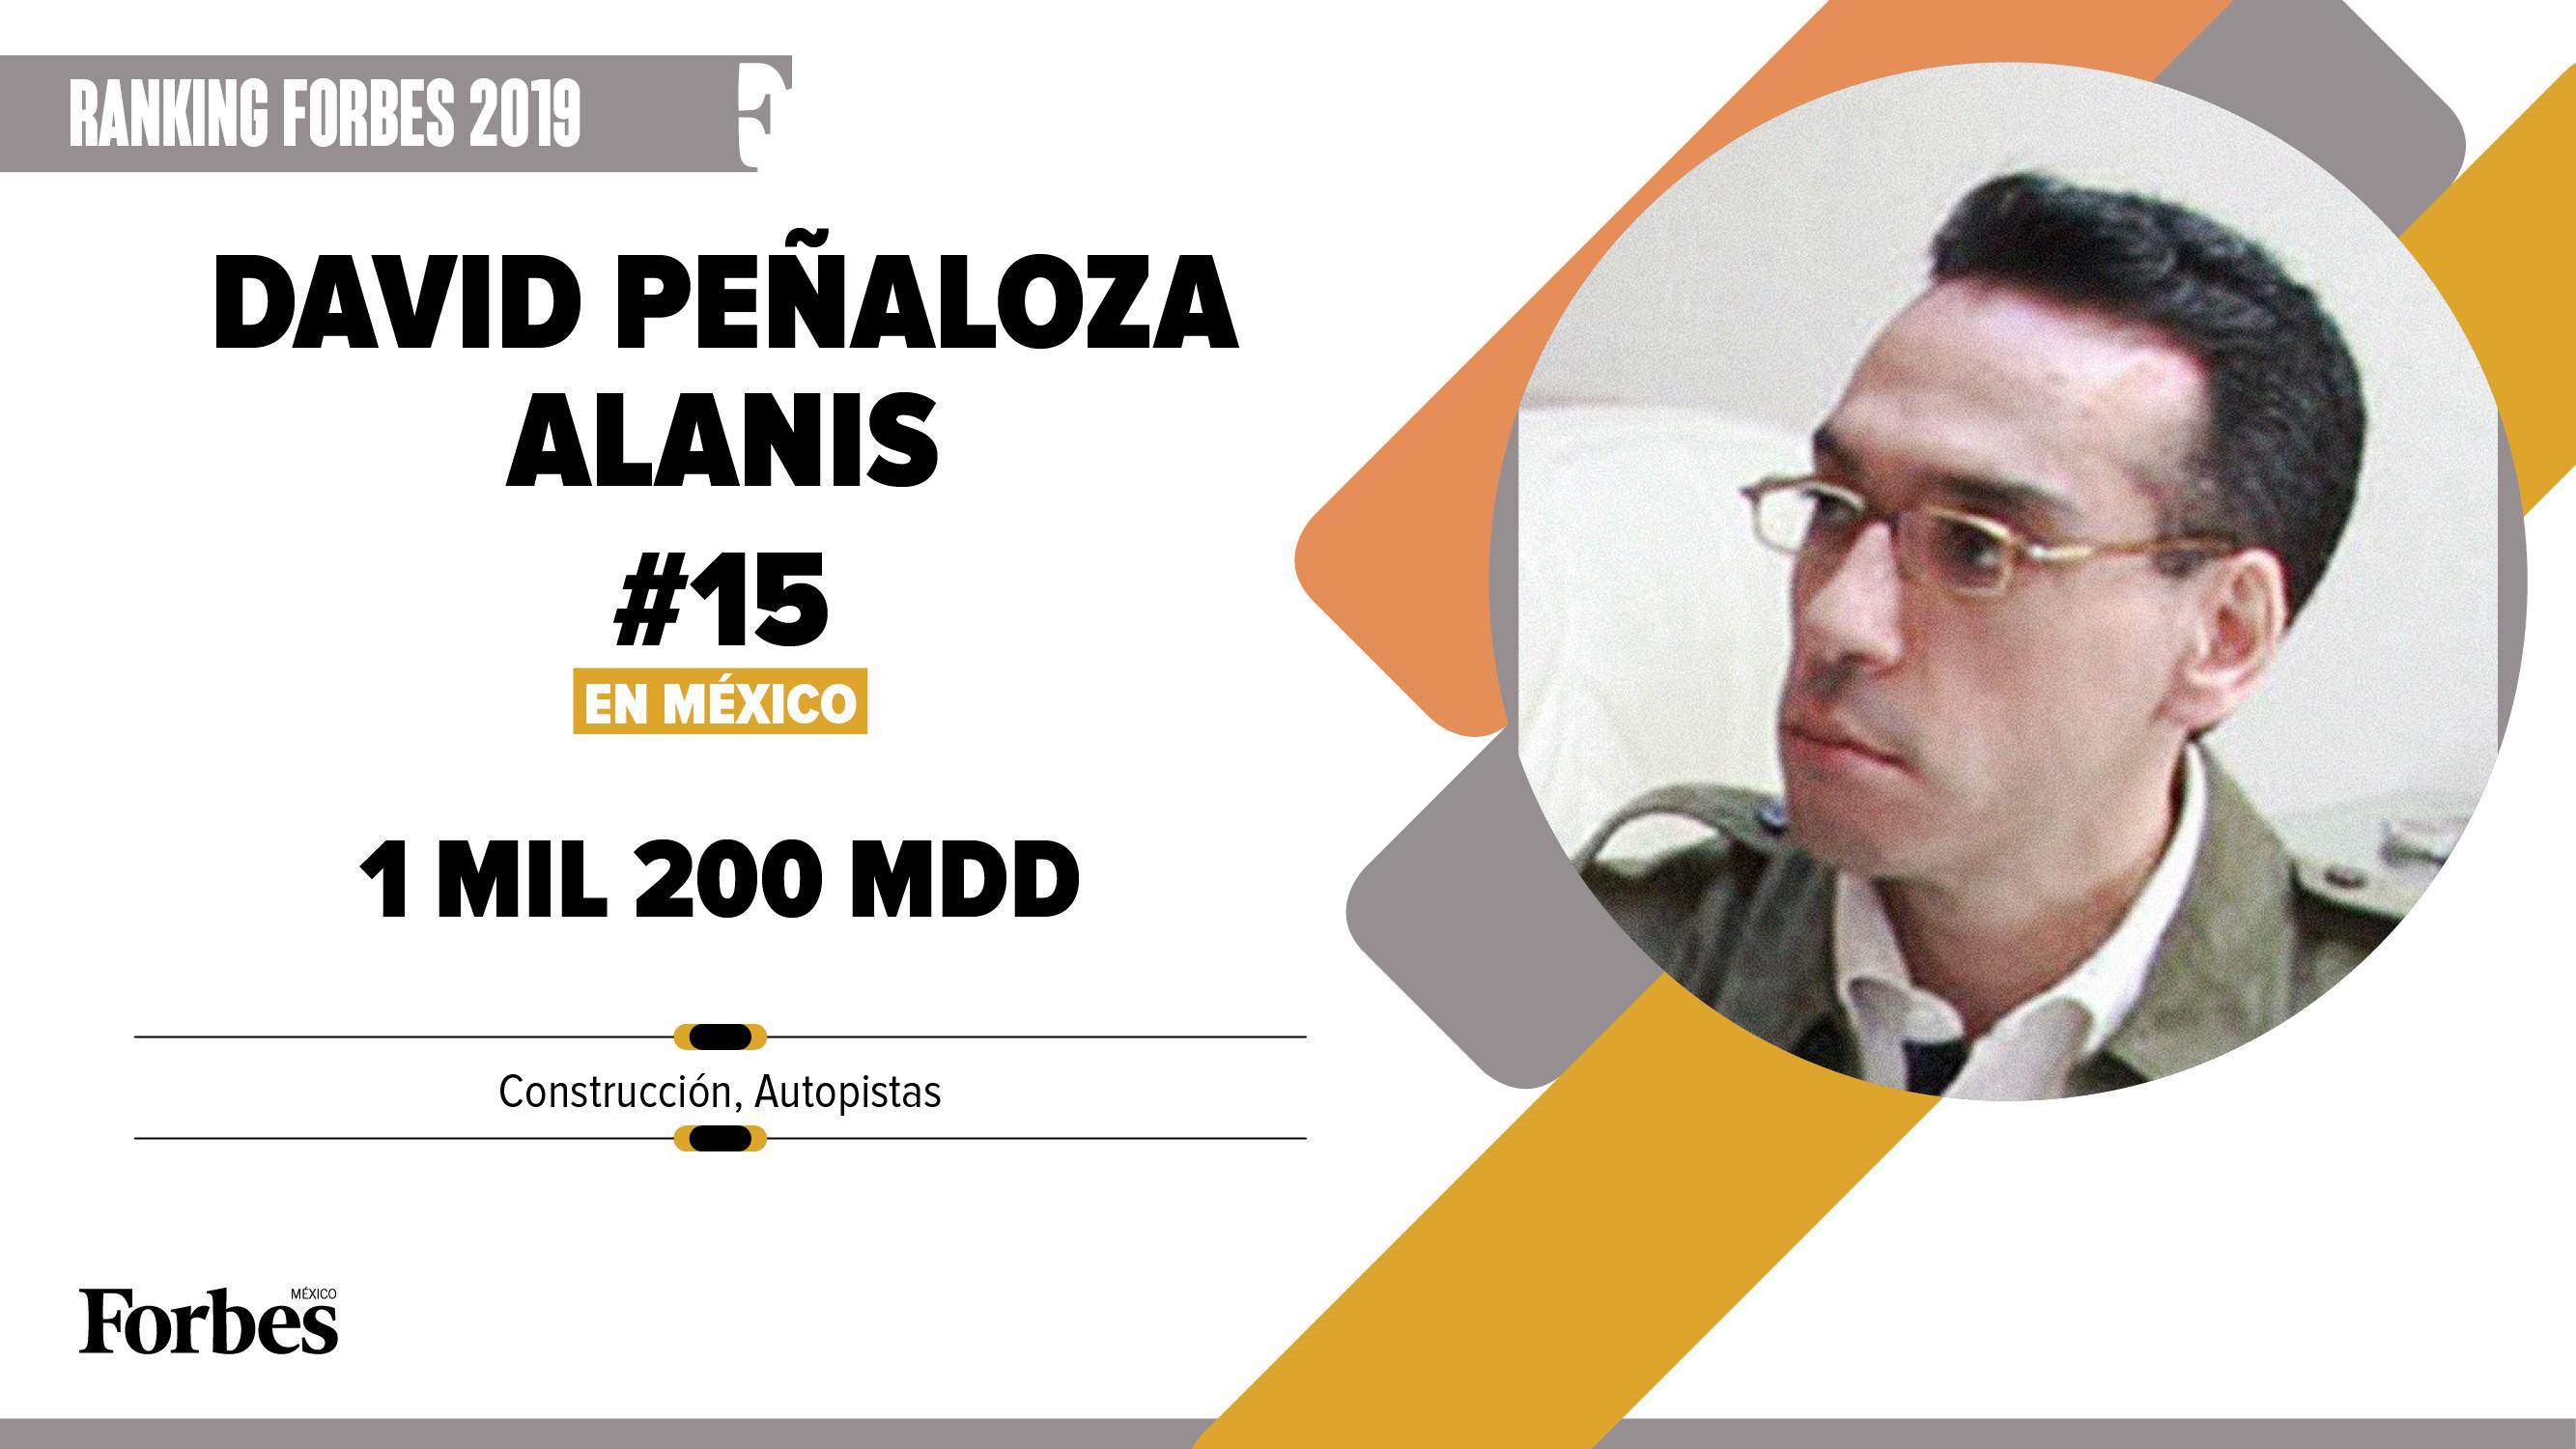 Billionaires 2019 | David Peñaloza Alanís, el valor de las concesiones